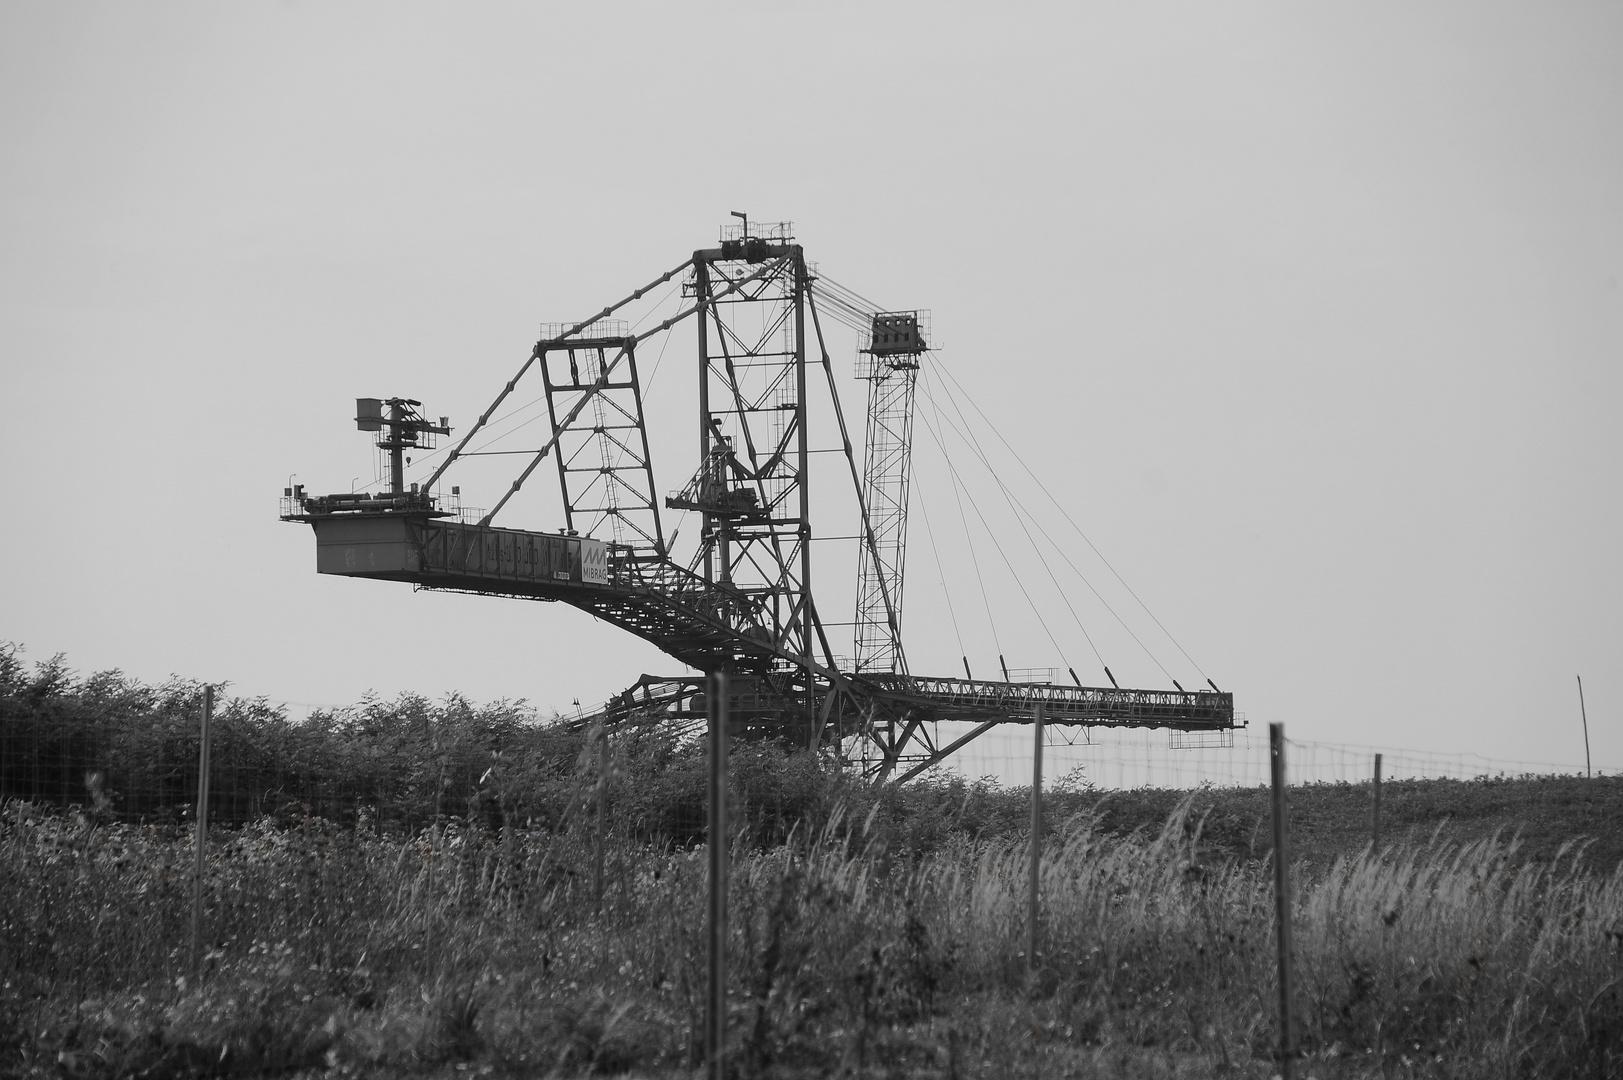 Tagebau als Landmarke